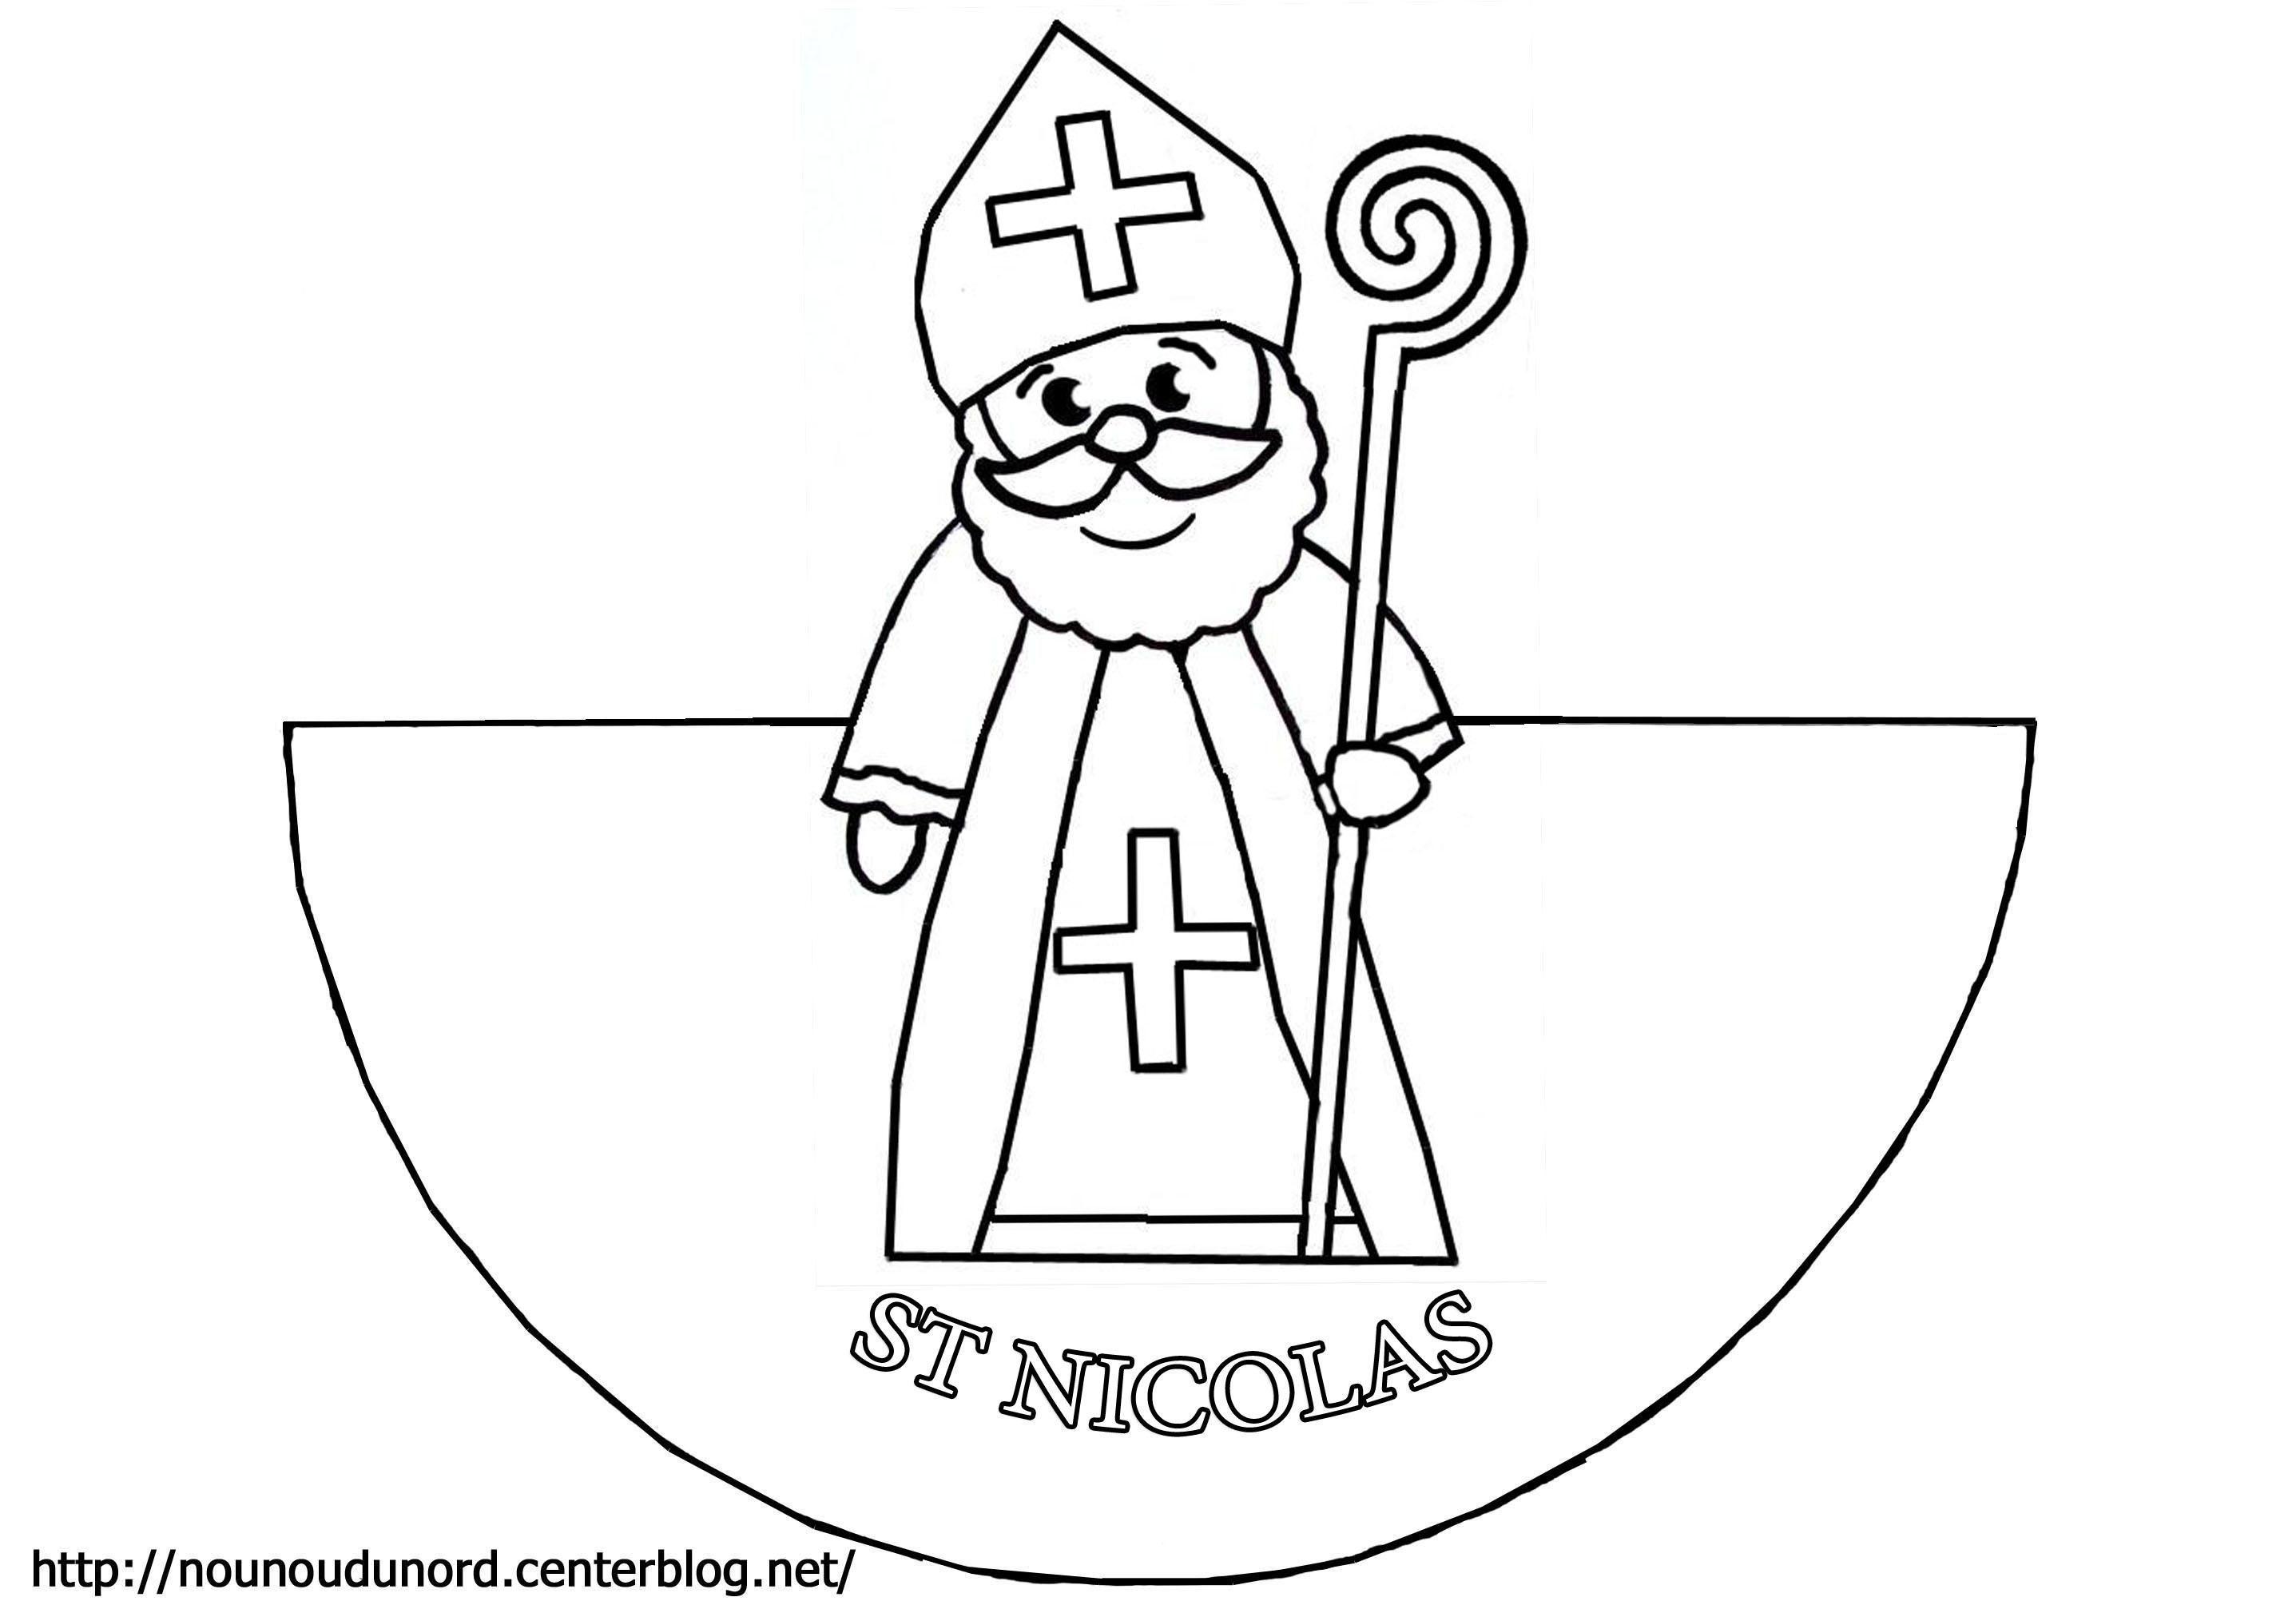 Coloriage c ne saint nicolas dessin par nounoudunord - Coloriage bricolage ...